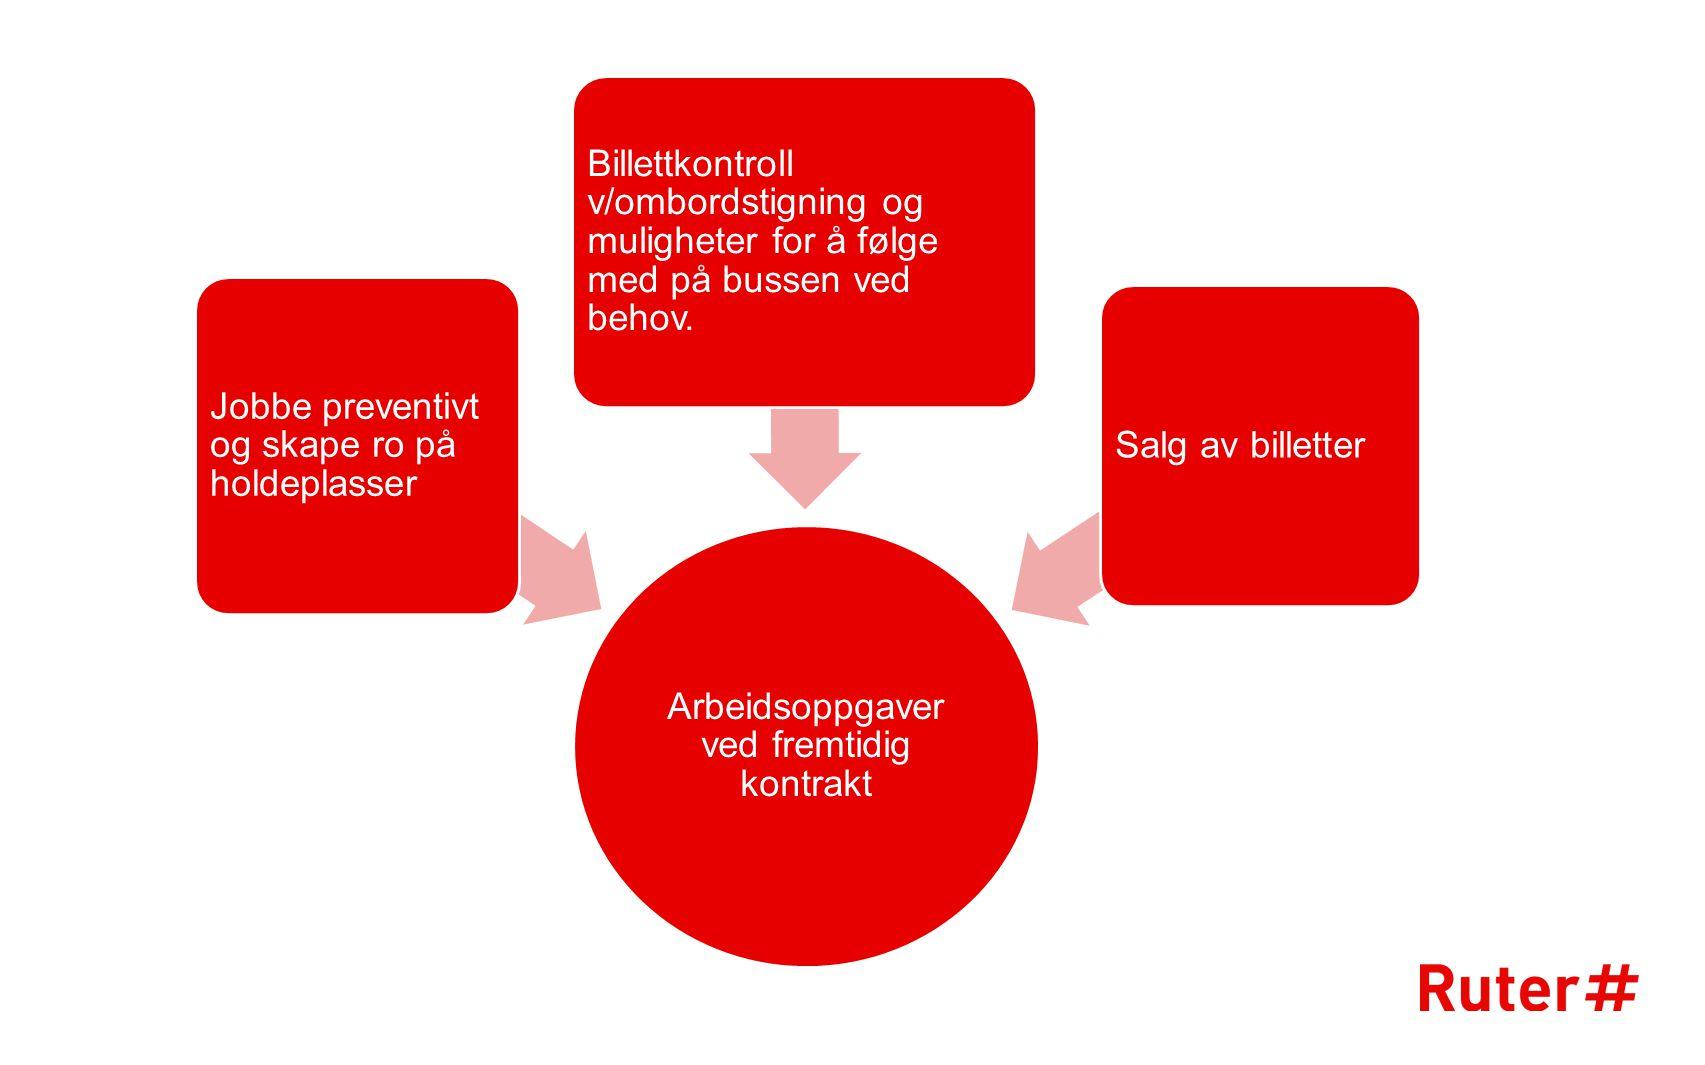 Arbeidsoppgaver ved fremtidig kontrakt Jobbe preventivt og skape ro på holdeplasser Billettkontroll v/ombordstigning og muligheter for å følge med på